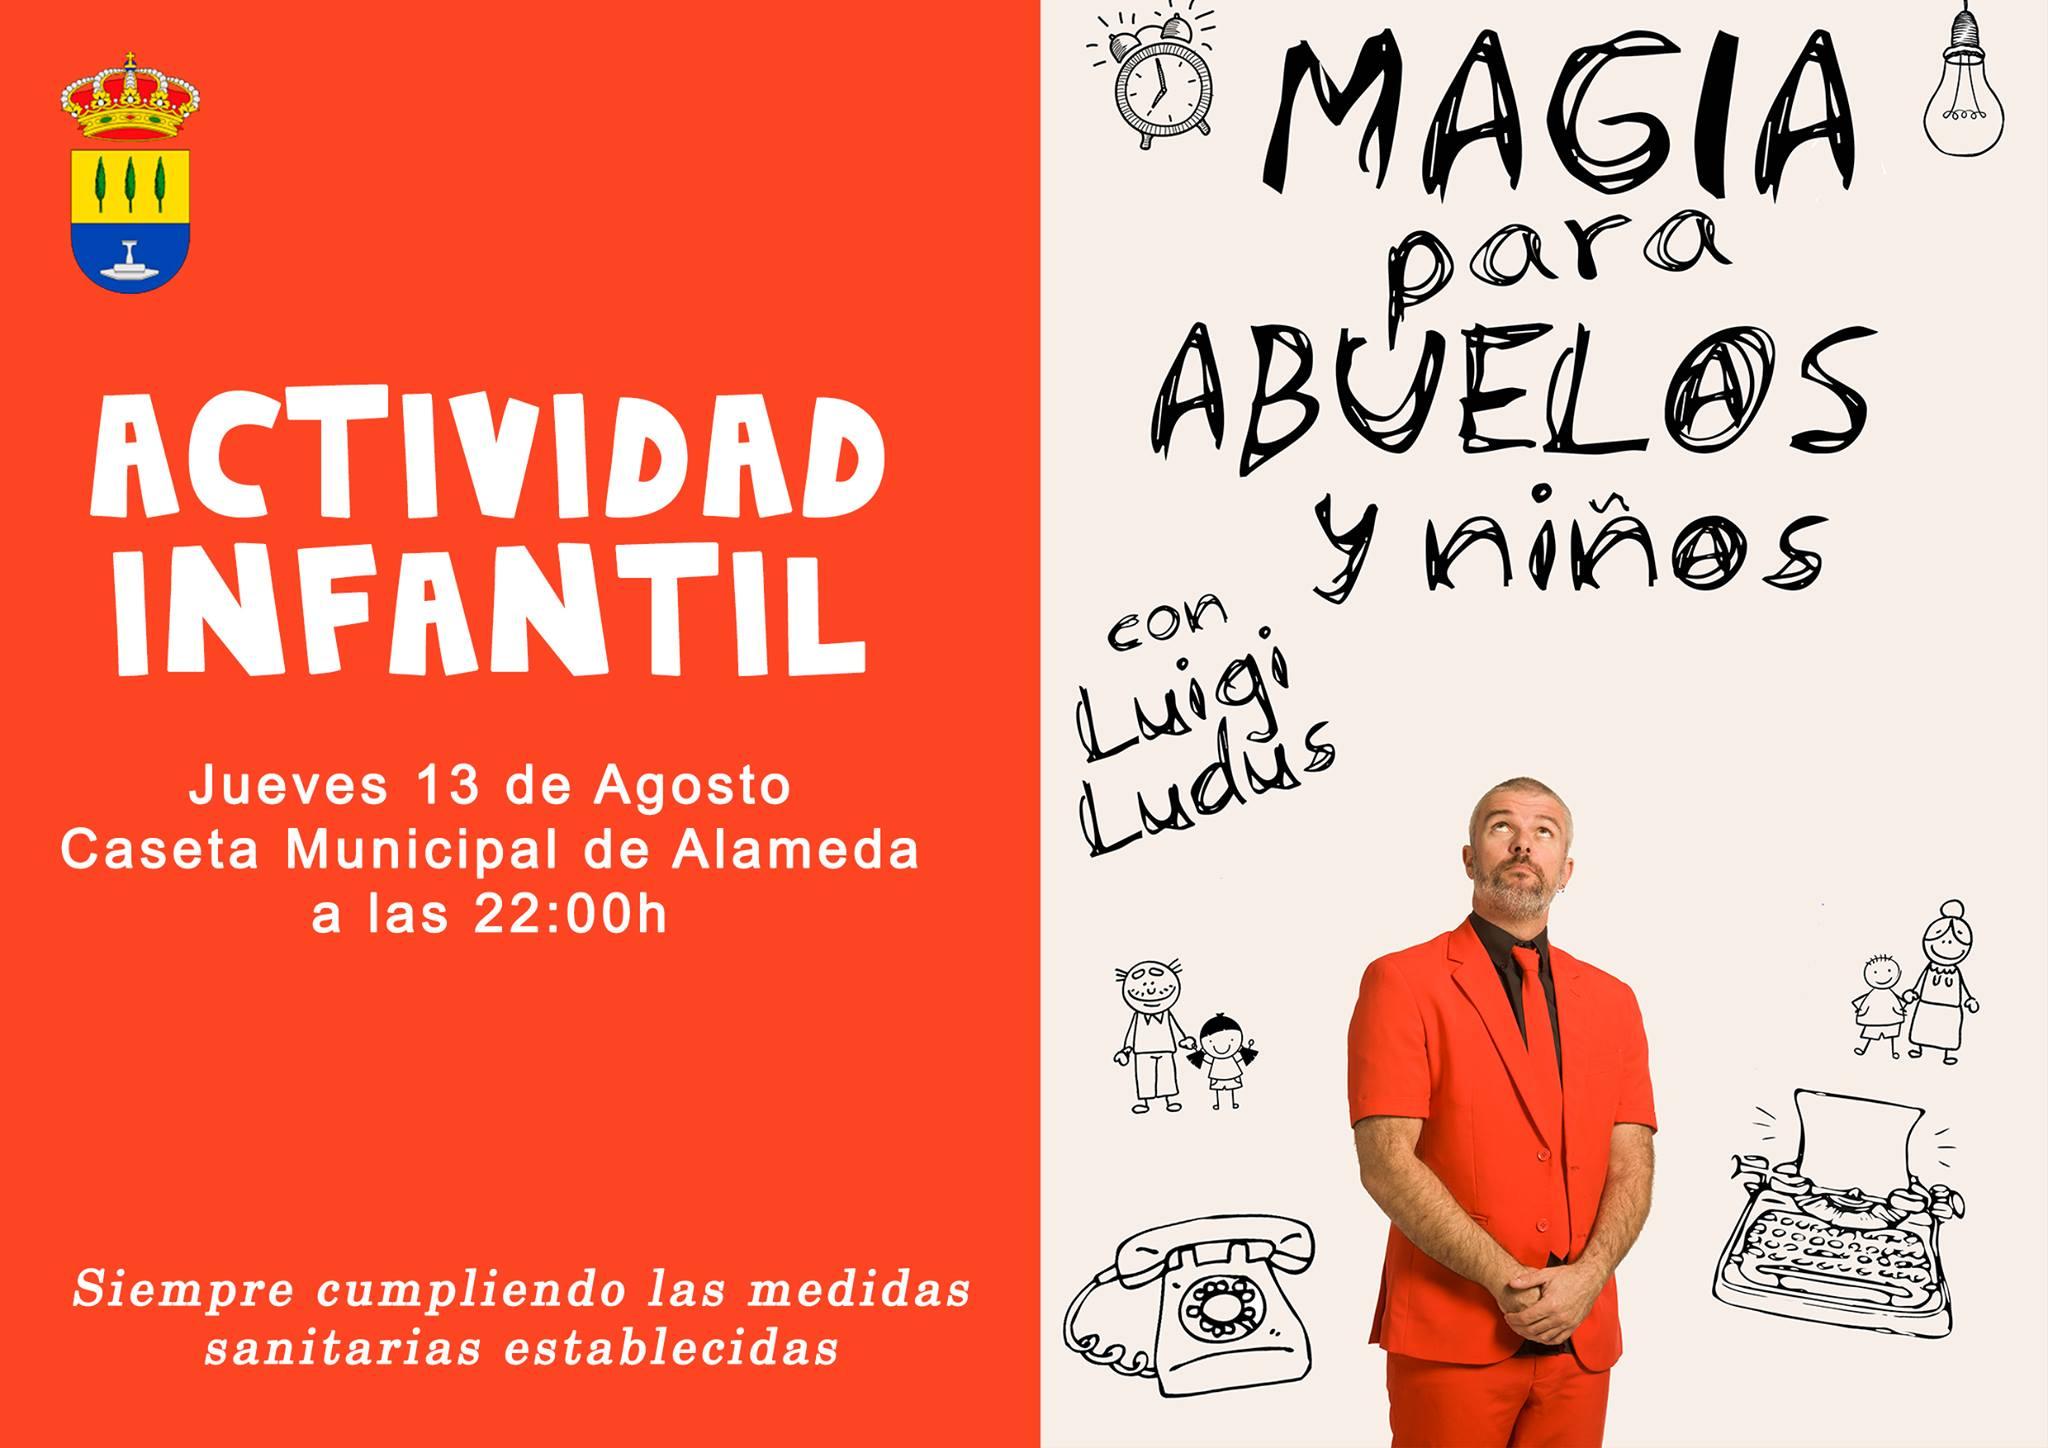 Magia para abuelos y niños 2020 - Alameda (Málaga)